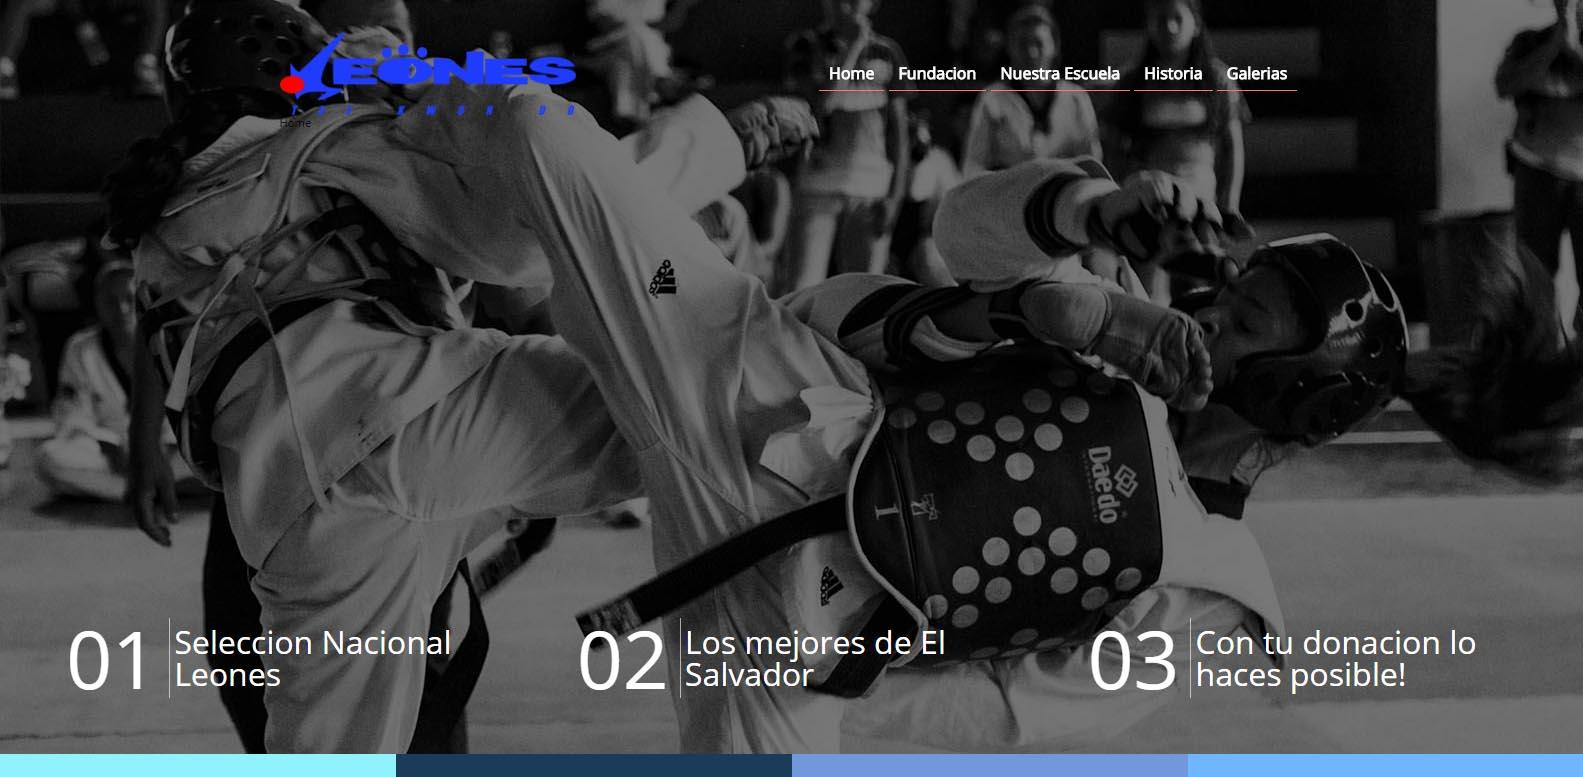 Social media – Marketing Digital El Salvador  Fundacion Leones, la primera fundacion en utilizar crowdfunding para la recolección colectiva de fondos en El pais.